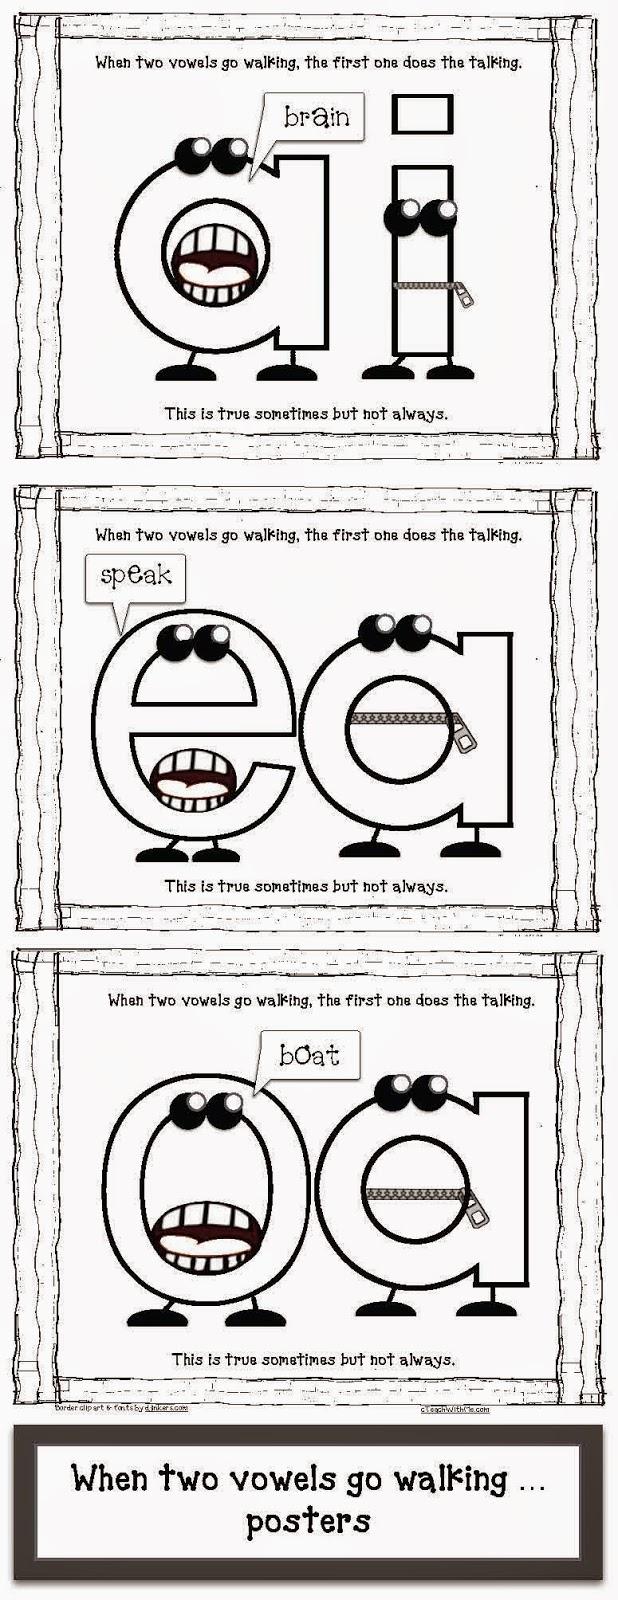 worksheet Vowel Team Worksheets classroom freebies when 2 vowels go walking packet posters